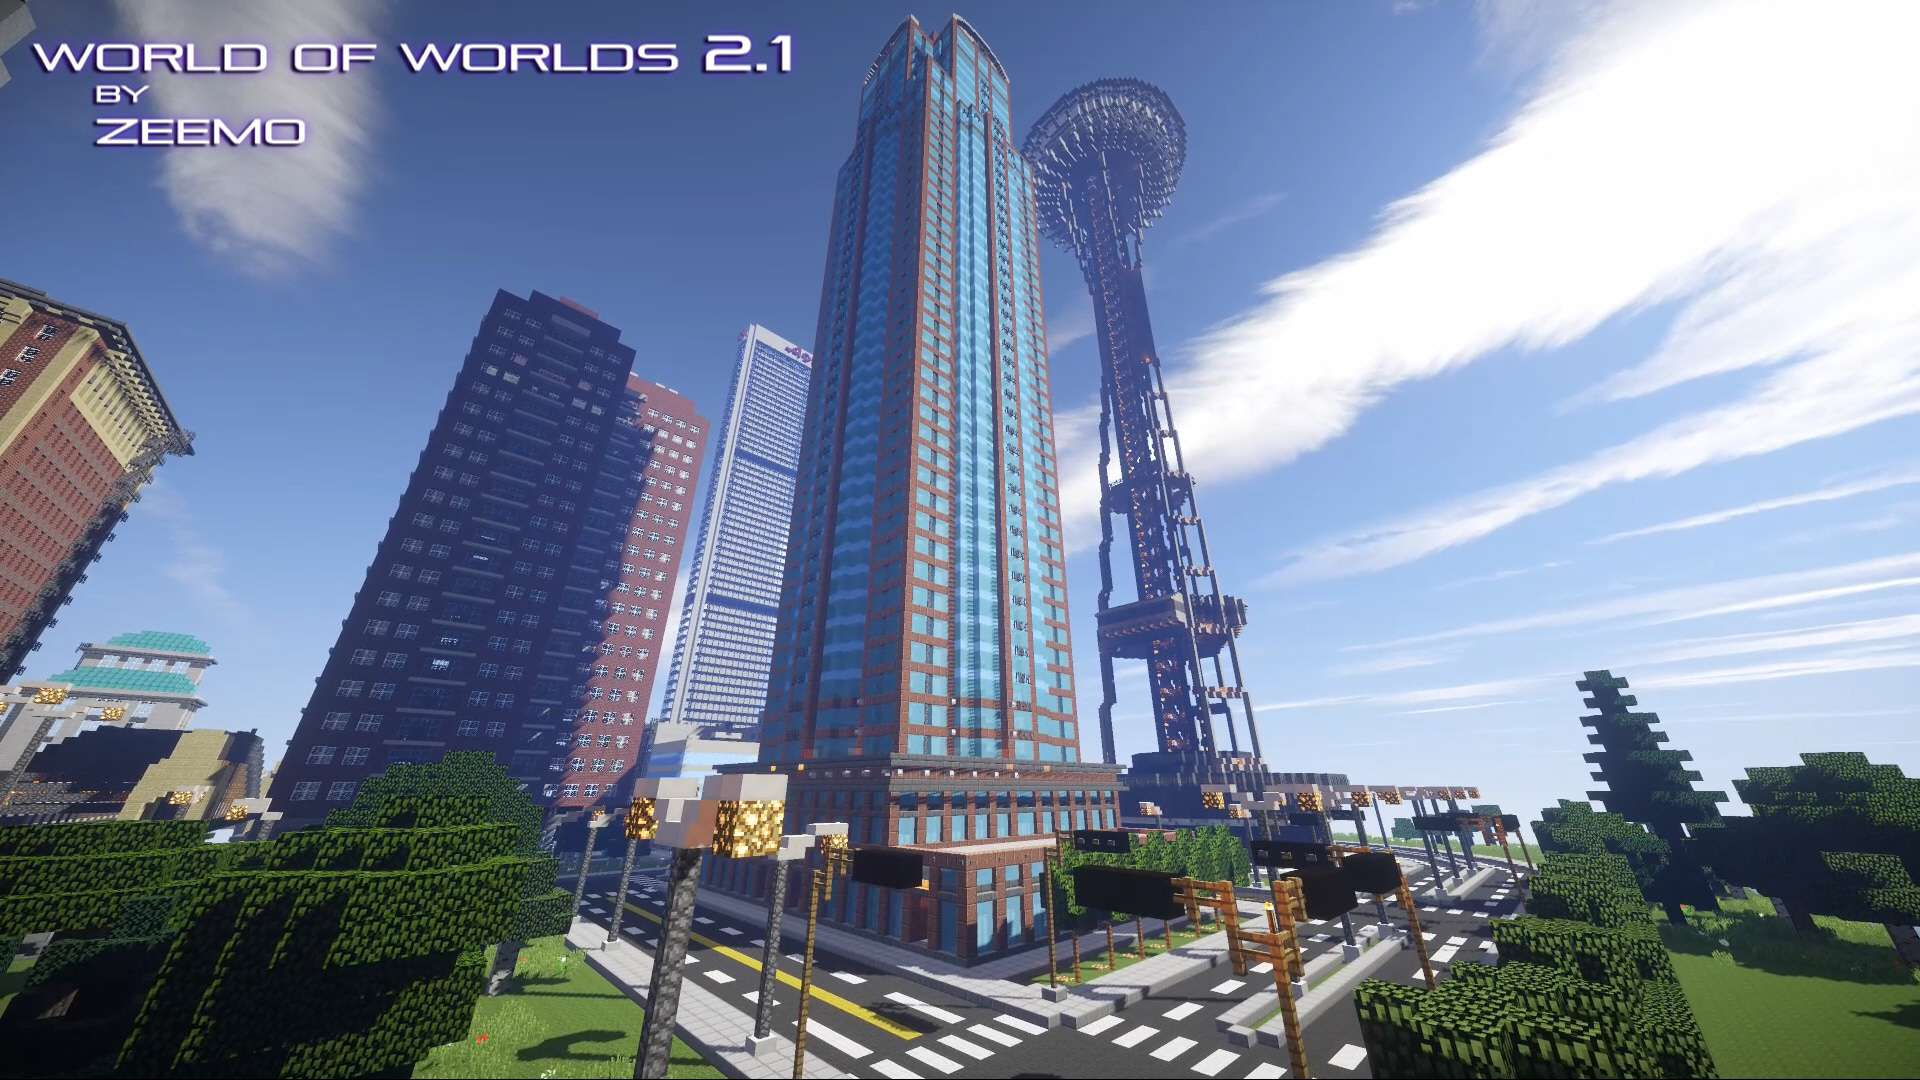 World of Worlds 2.1 update 4